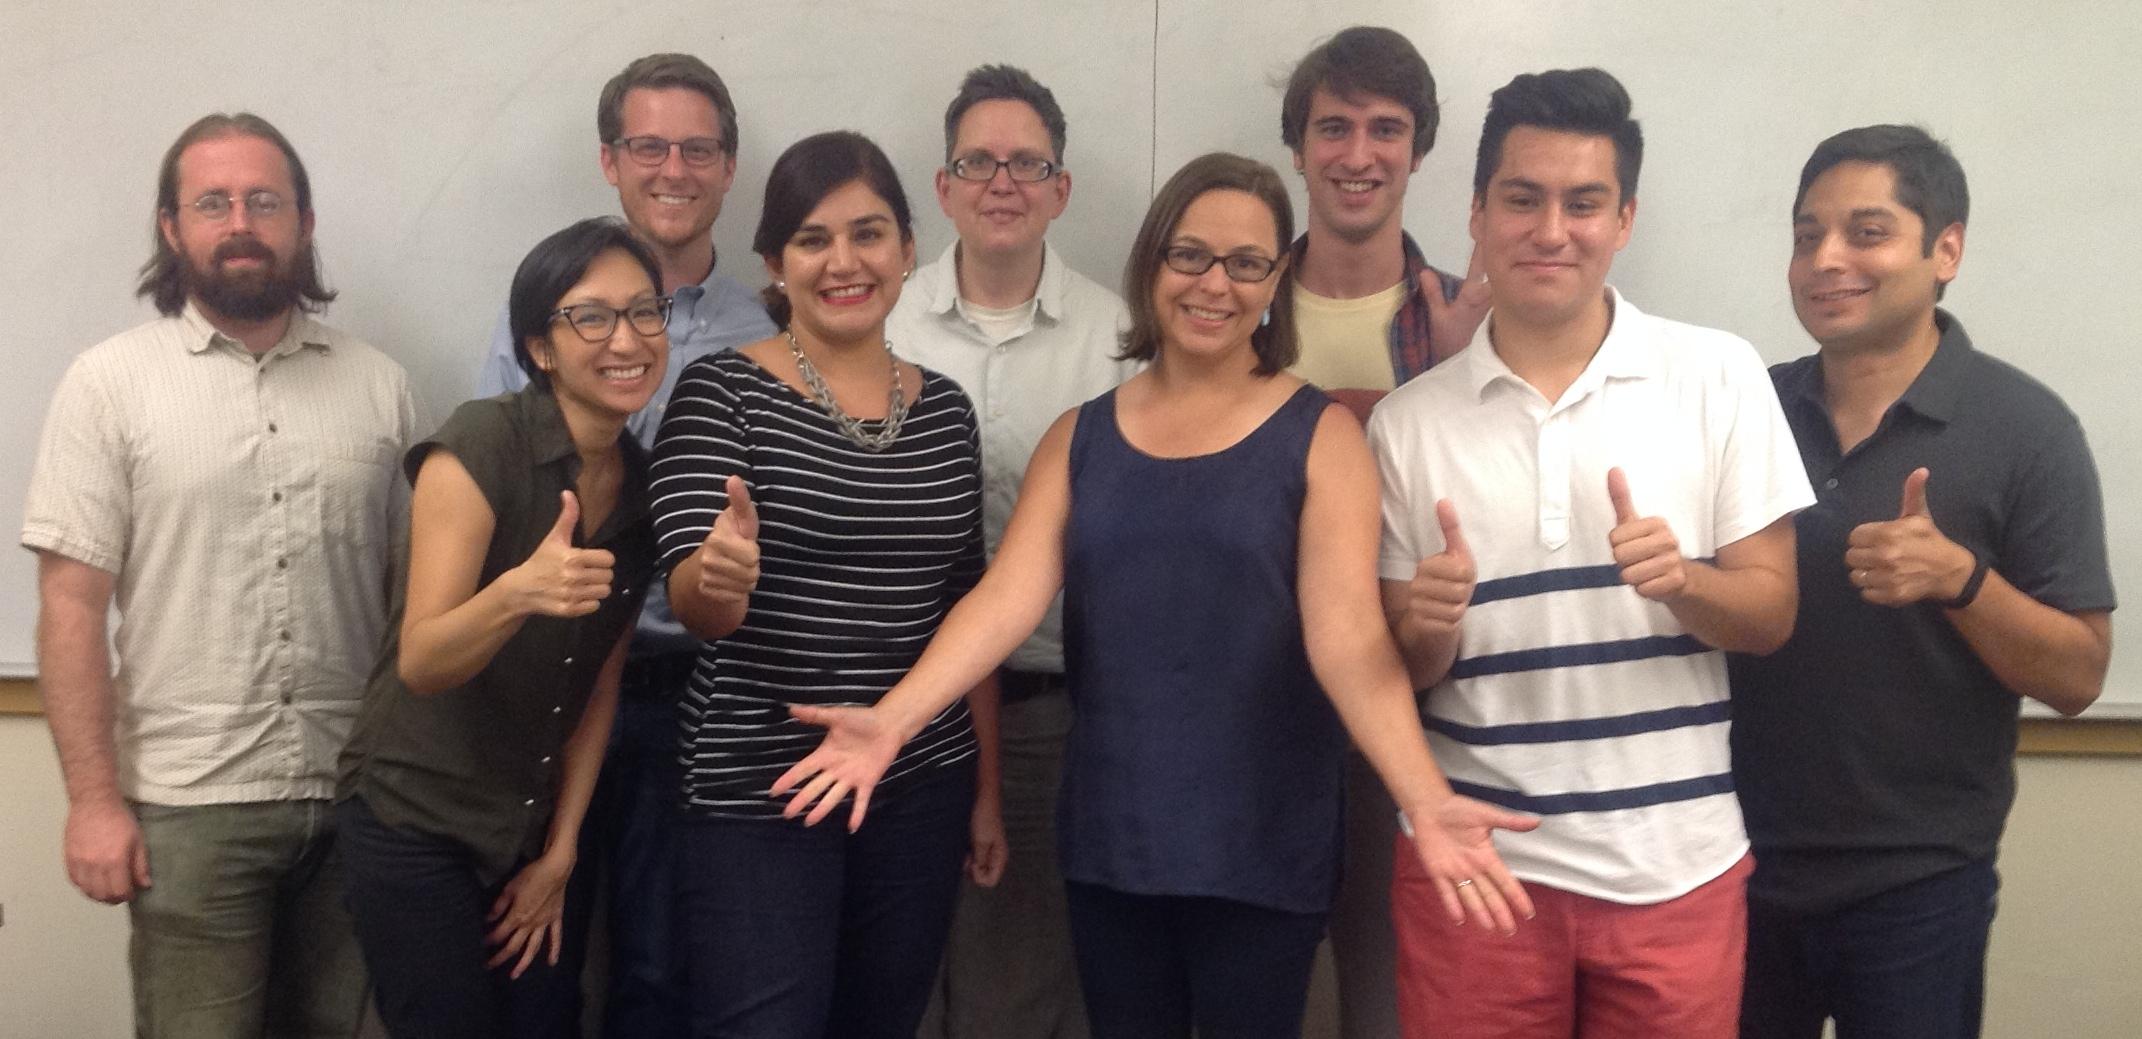 DigLibArts 2014-2015 Steering Committee